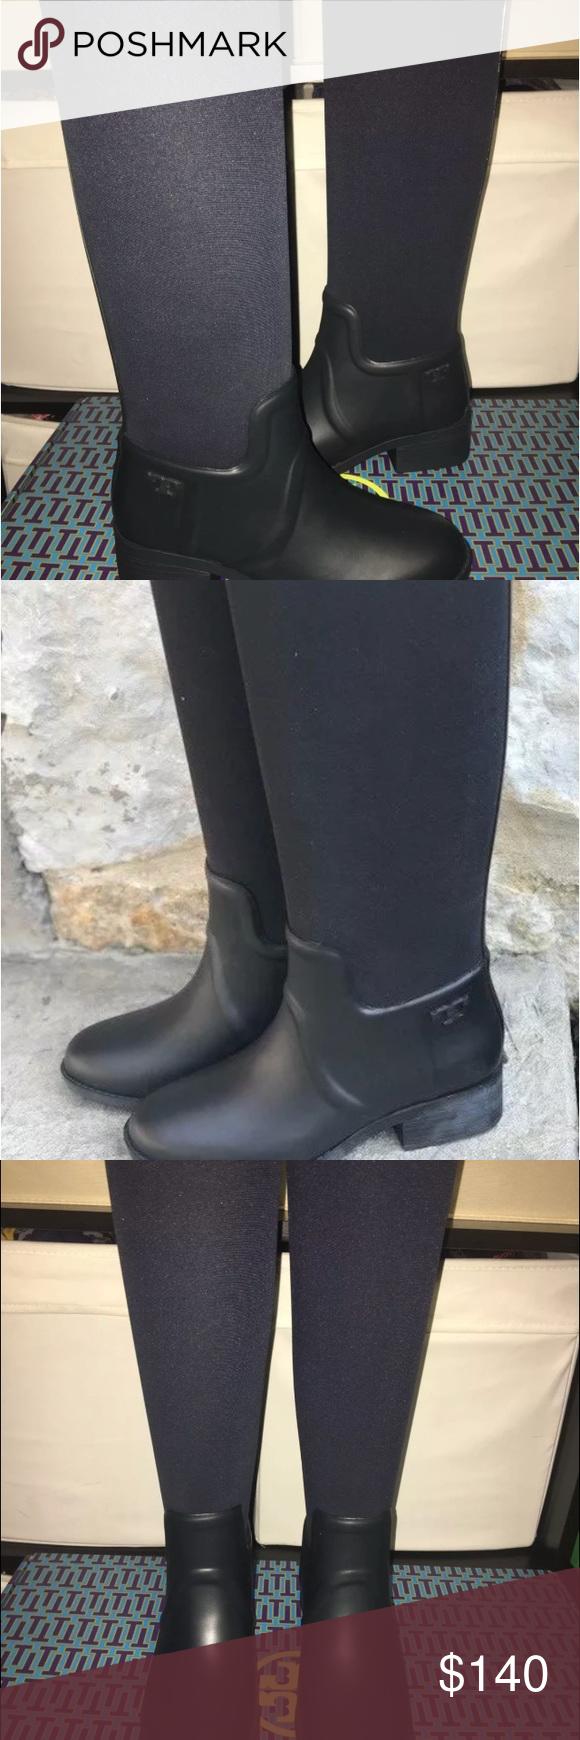 4991b647b6c0 Tory burch April rain boot Worn once navy Tory Burch Shoes Winter   Rain  Boots